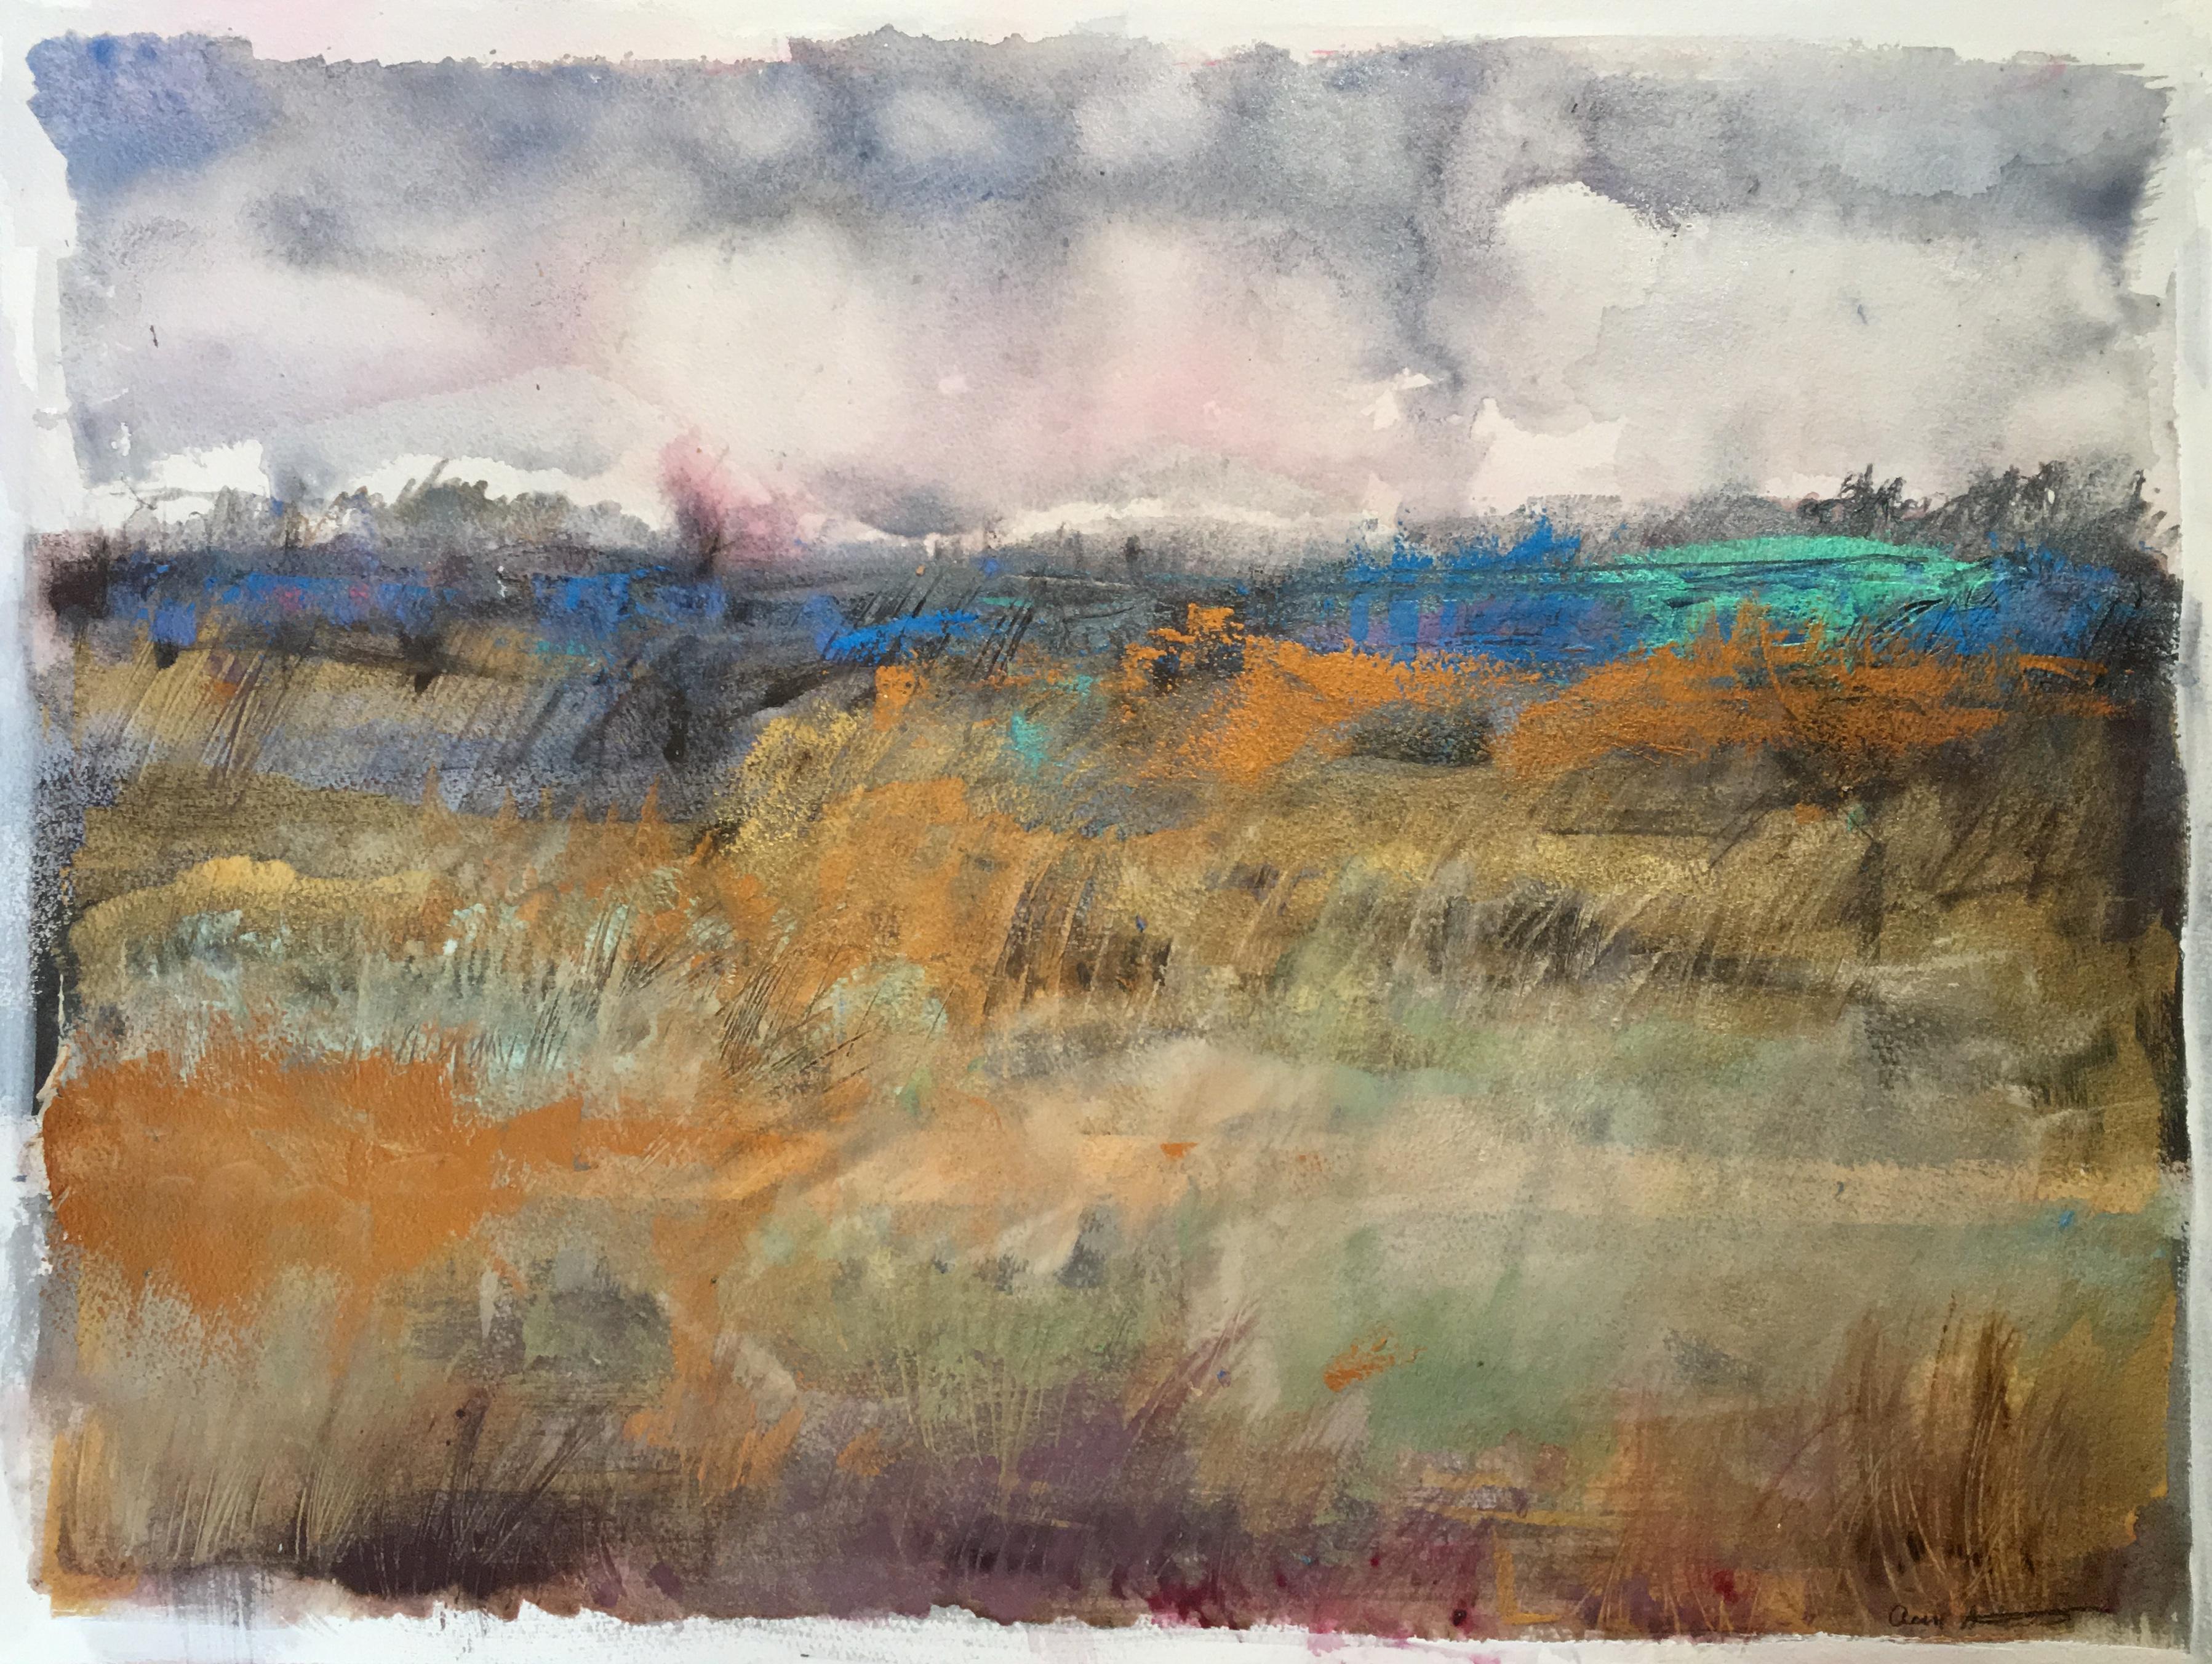 Frantic by Ann Stretton